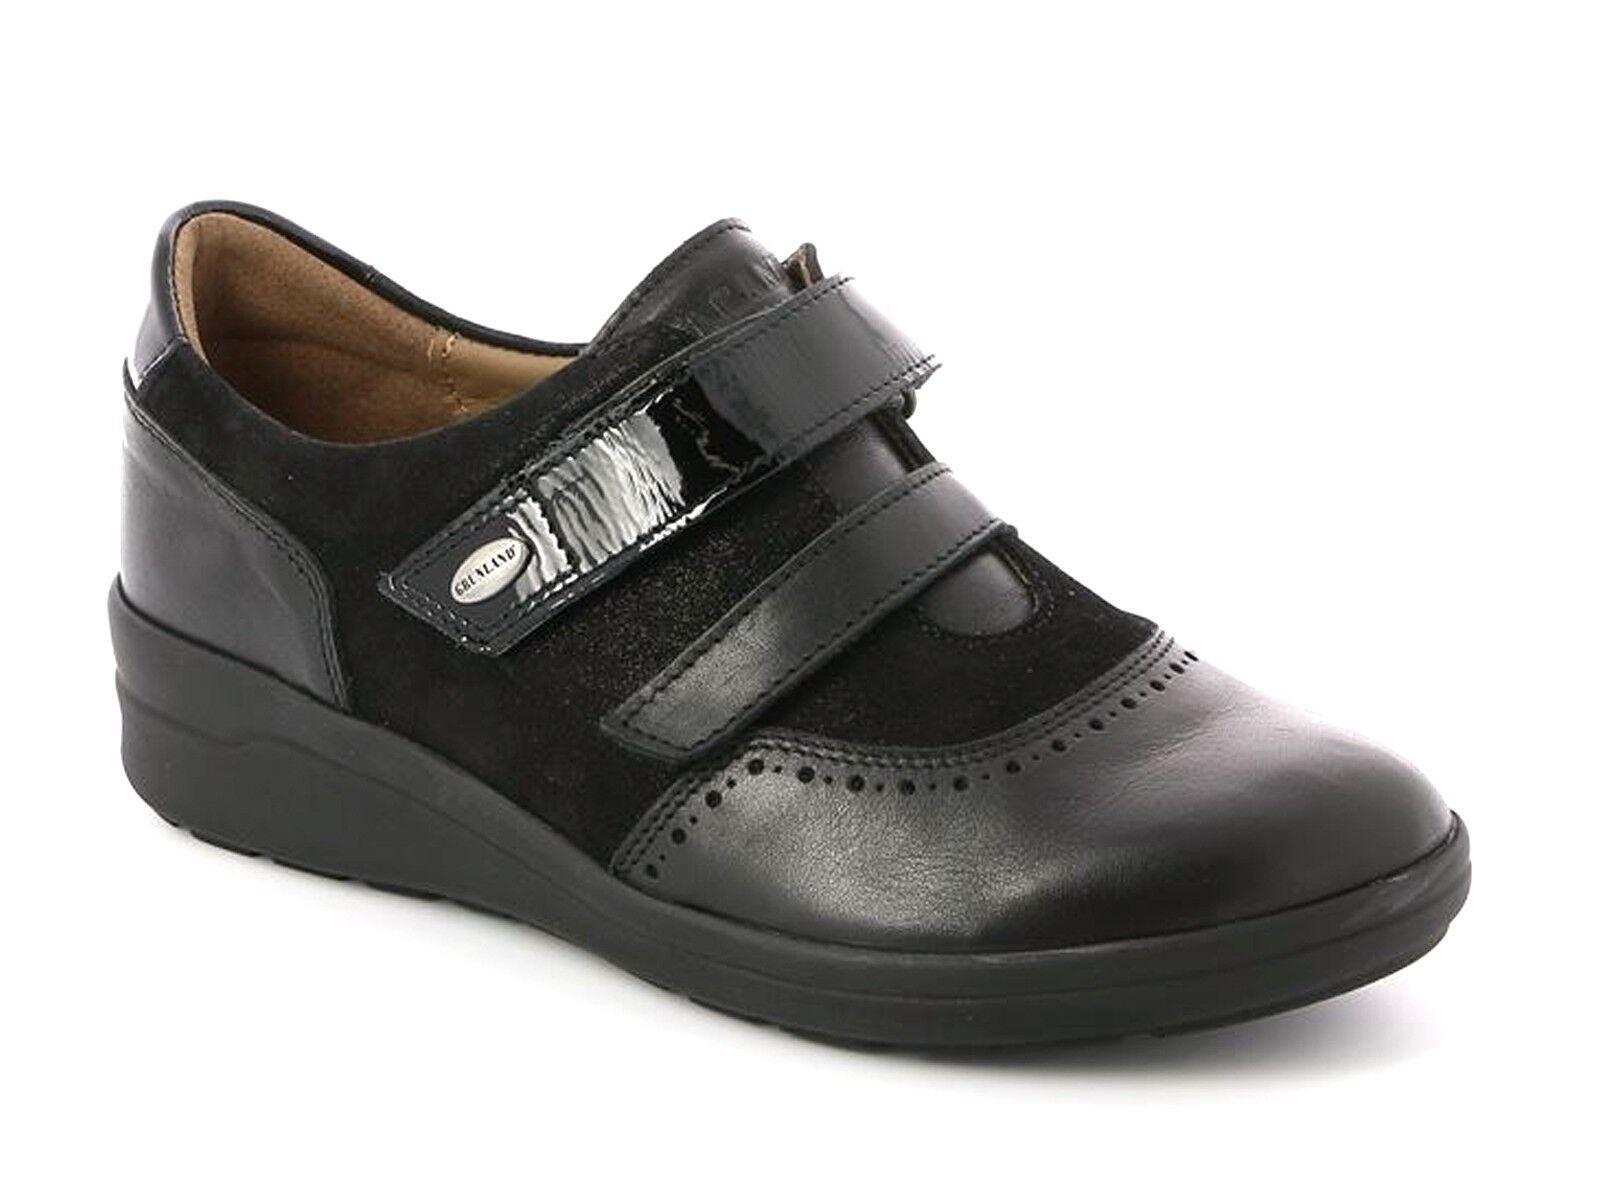 zapatos IN IN IN PELLE A DOPPIO STRAPPO mujer GRUNLAND INVERNO SC3474  FINN negro  al precio mas bajo